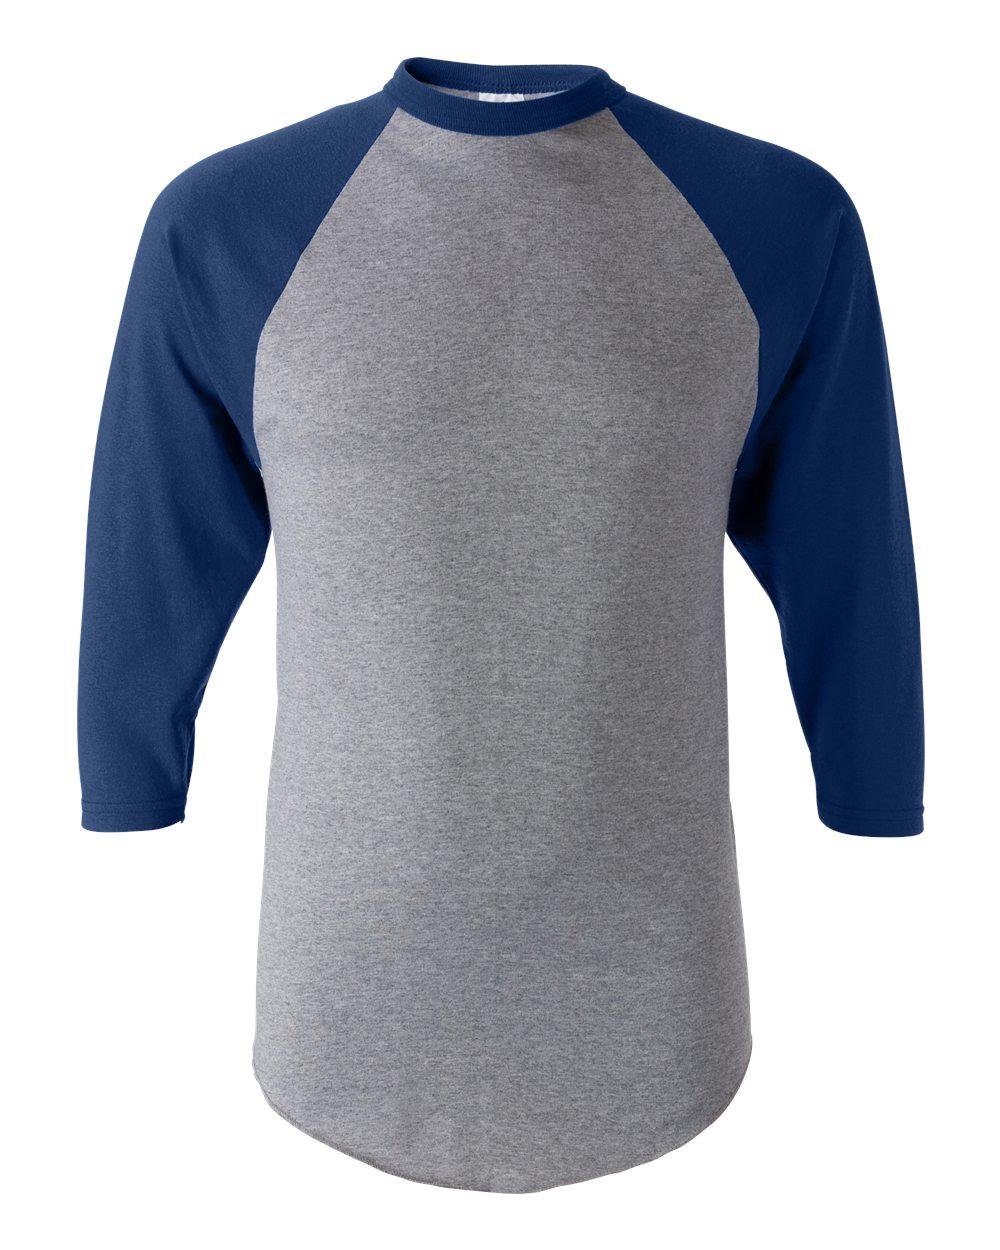 648cbdc873c T Shirts